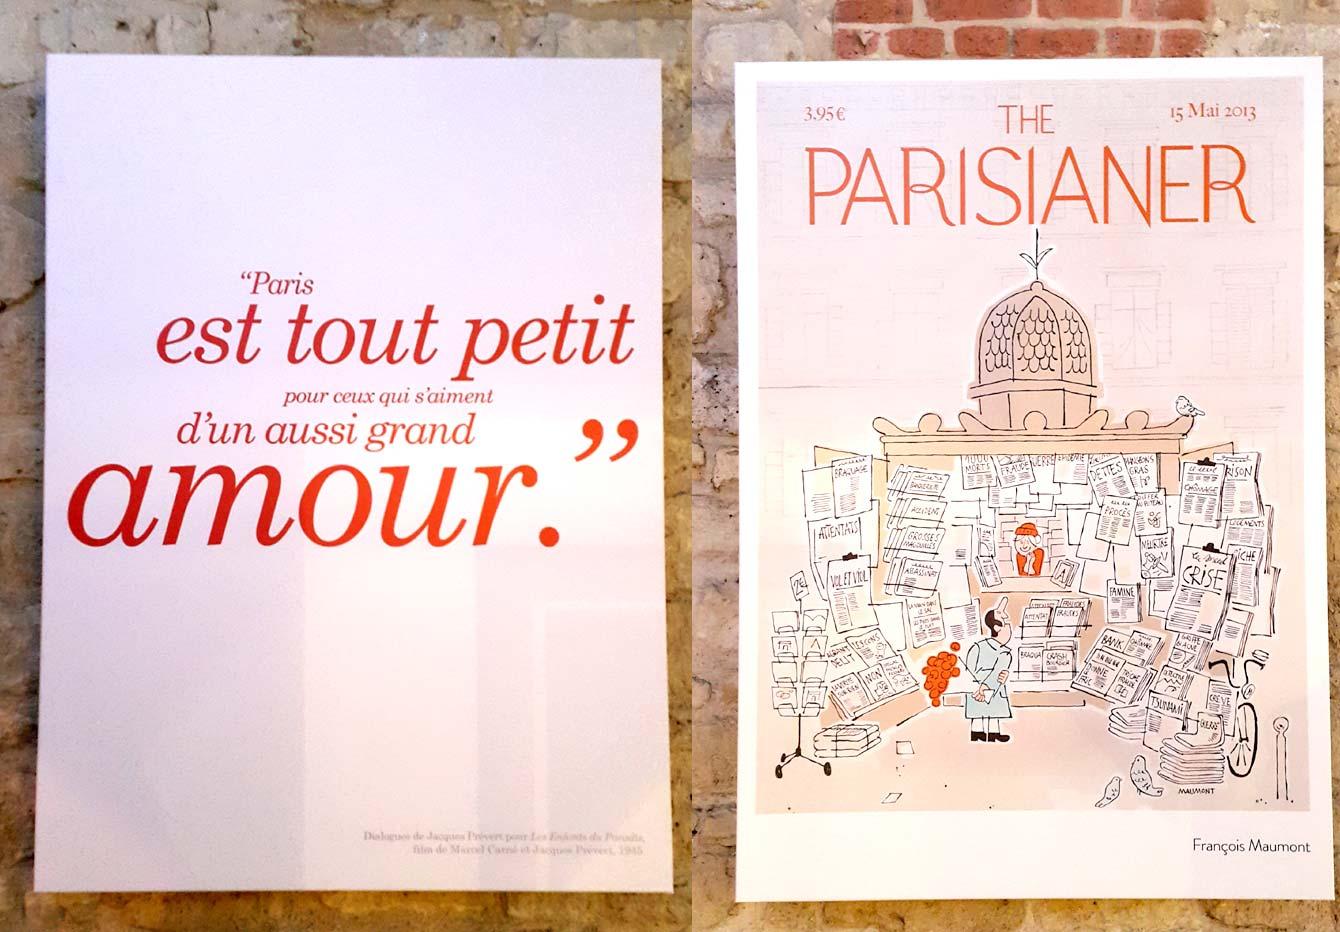 expo-parisianer07